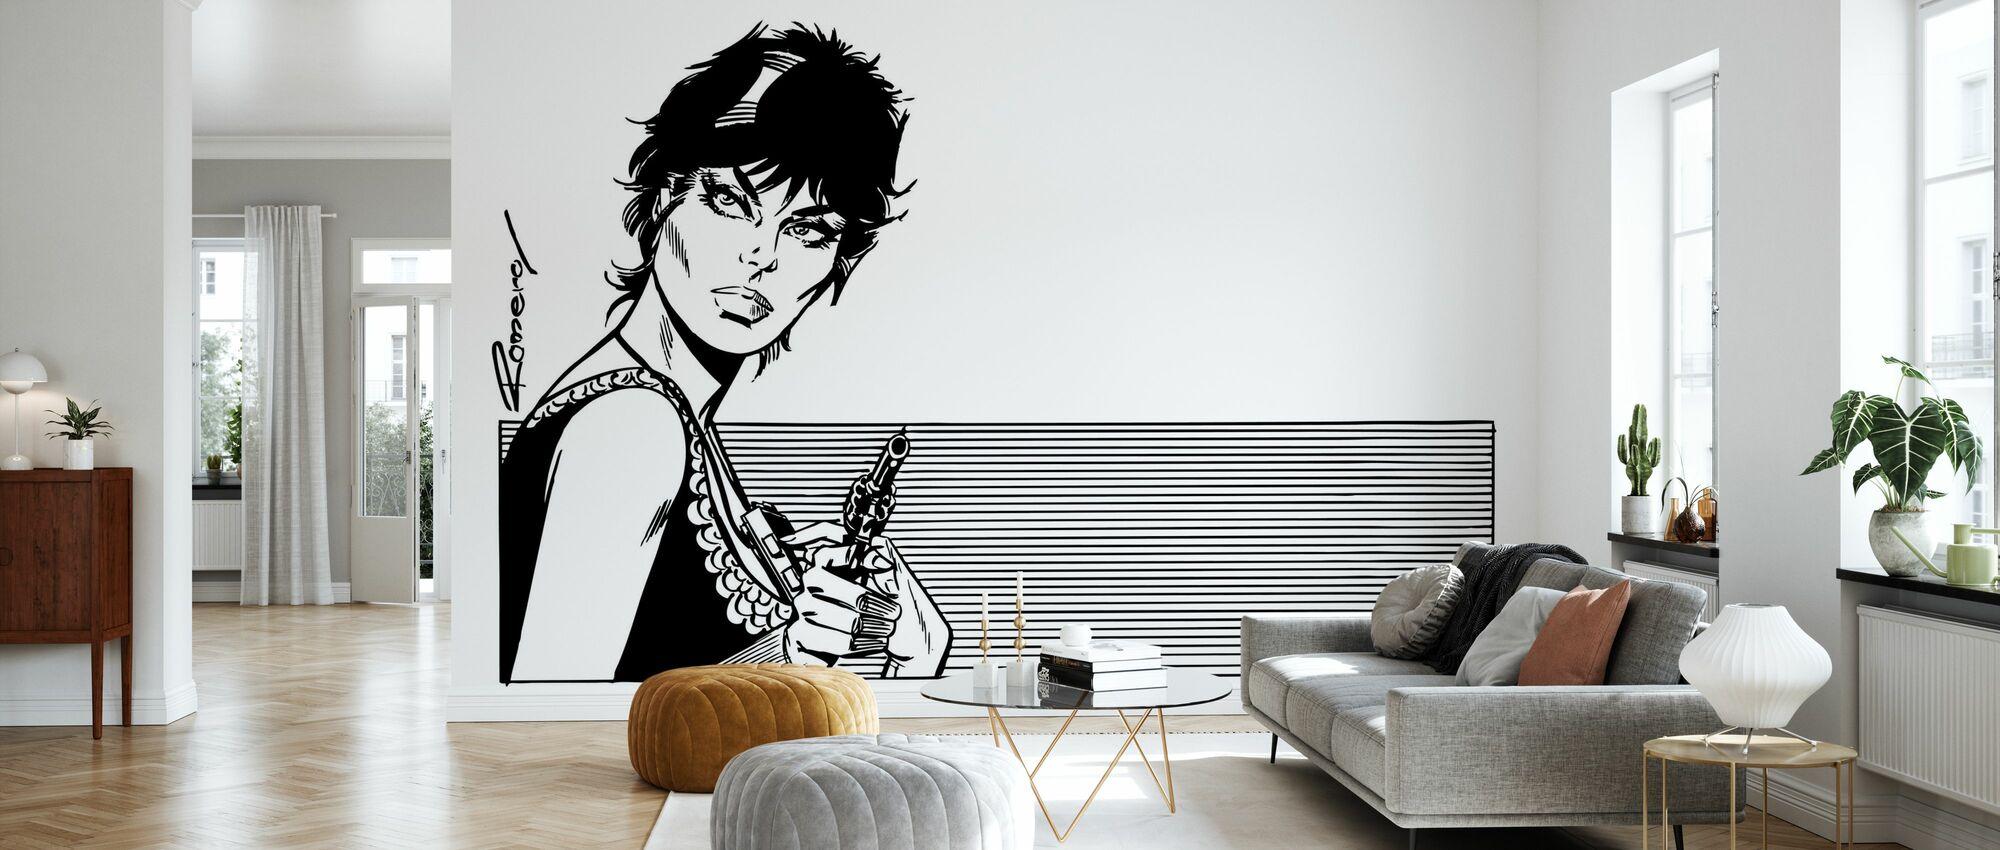 Modestie avec un pistolet - Papier peint - Salle à manger